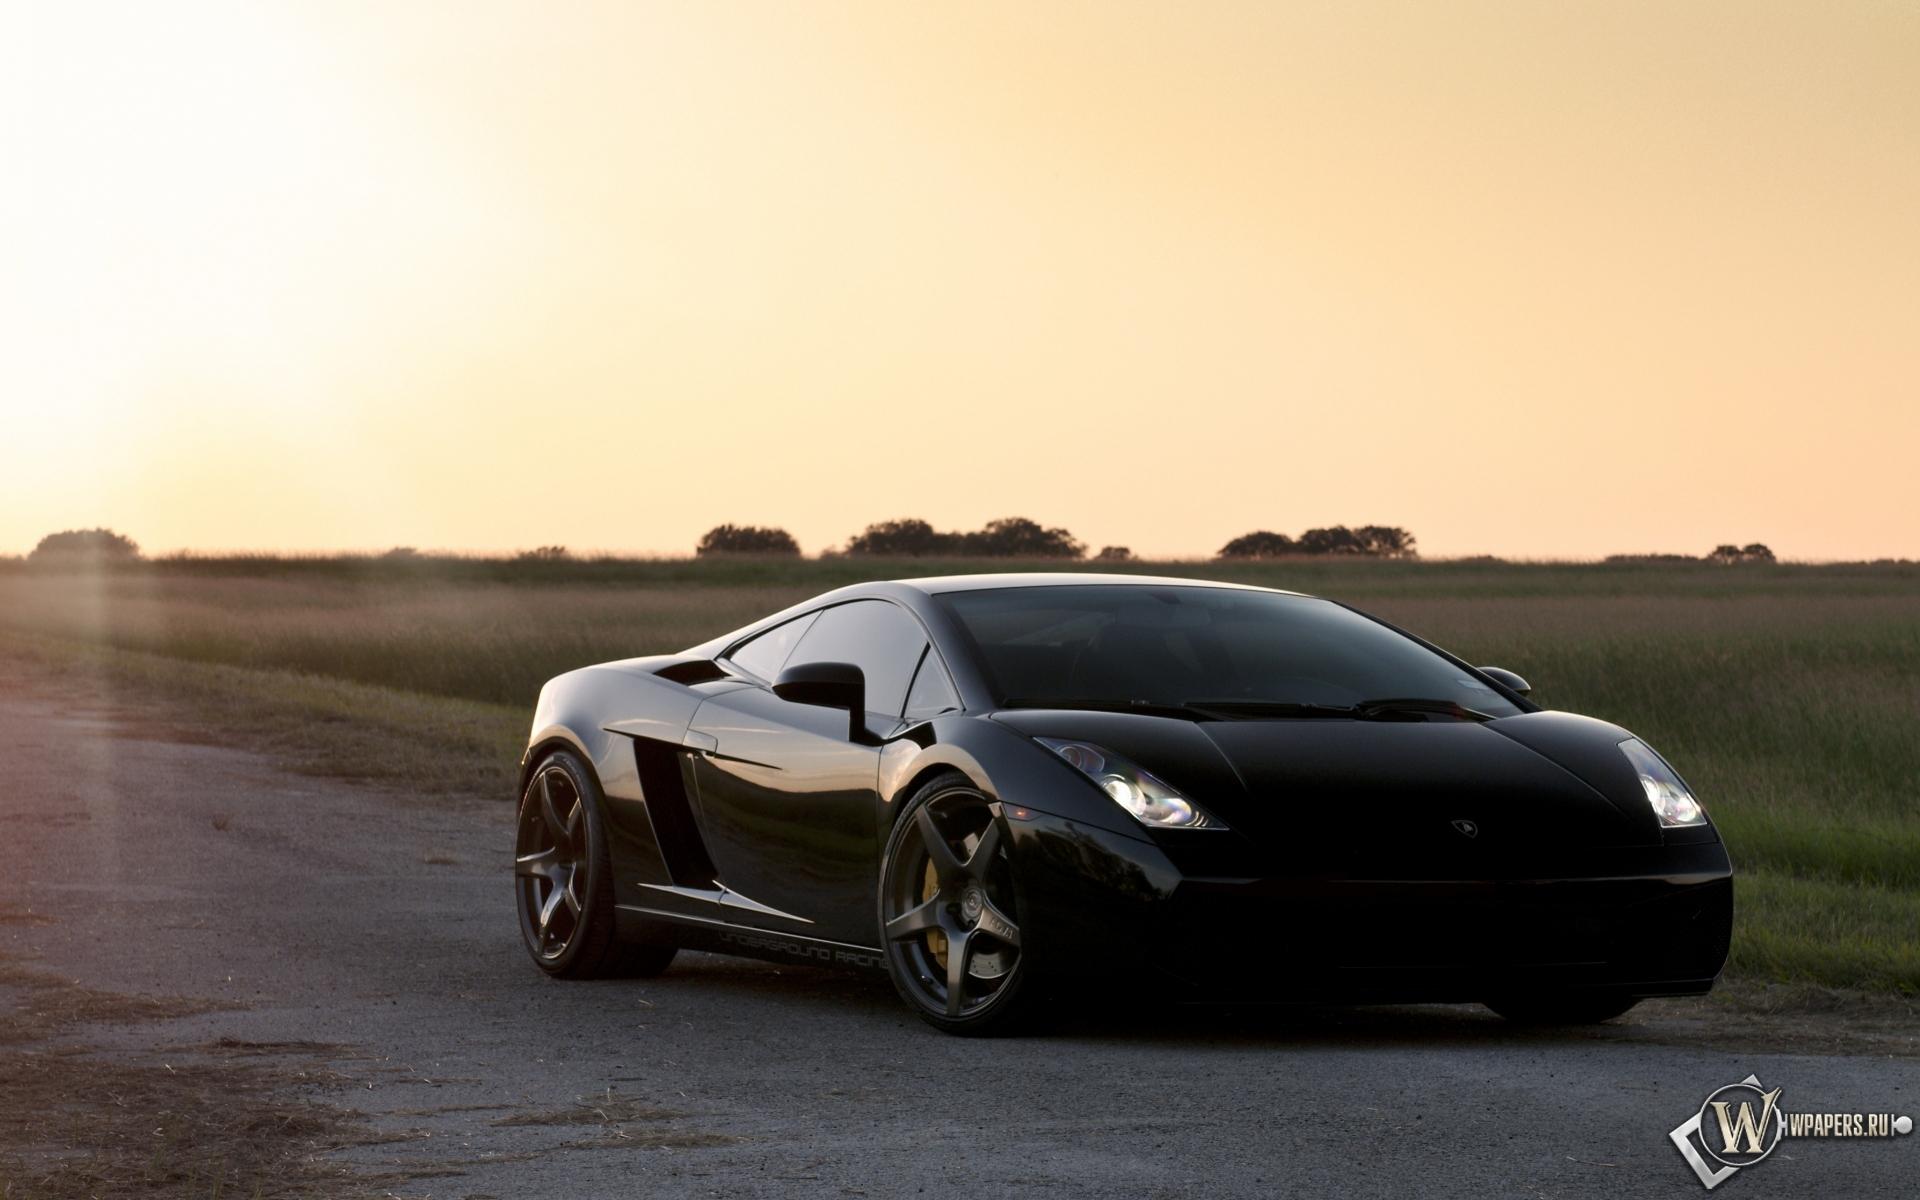 Lamborghini Gallardo 1920x1200